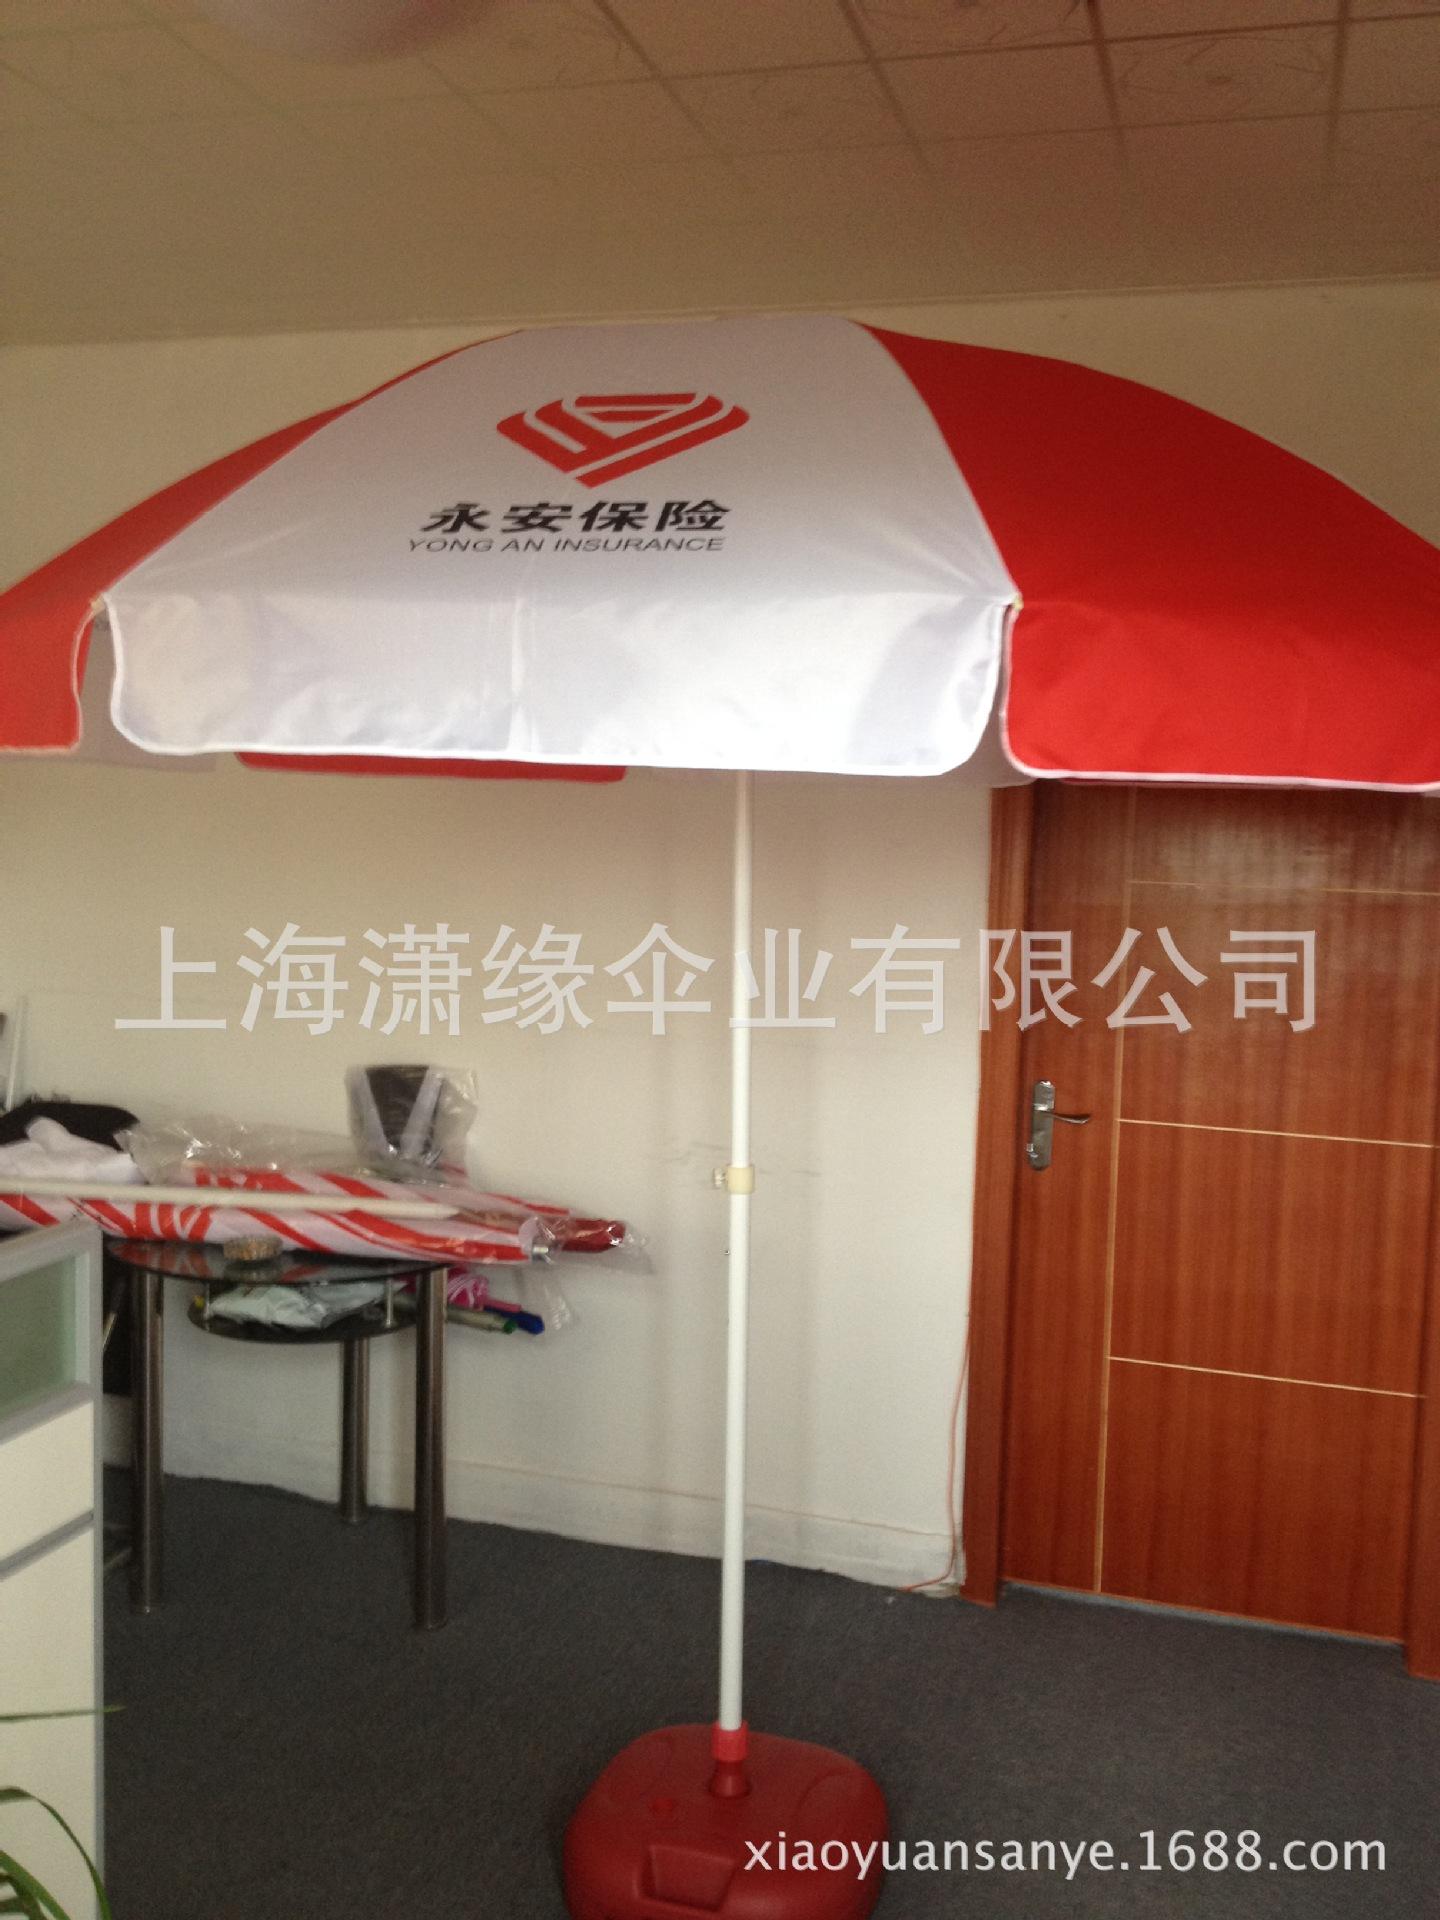 上海户外遮阳伞厂家 上海户外遮阳伞批发 上海户外遮阳伞价格